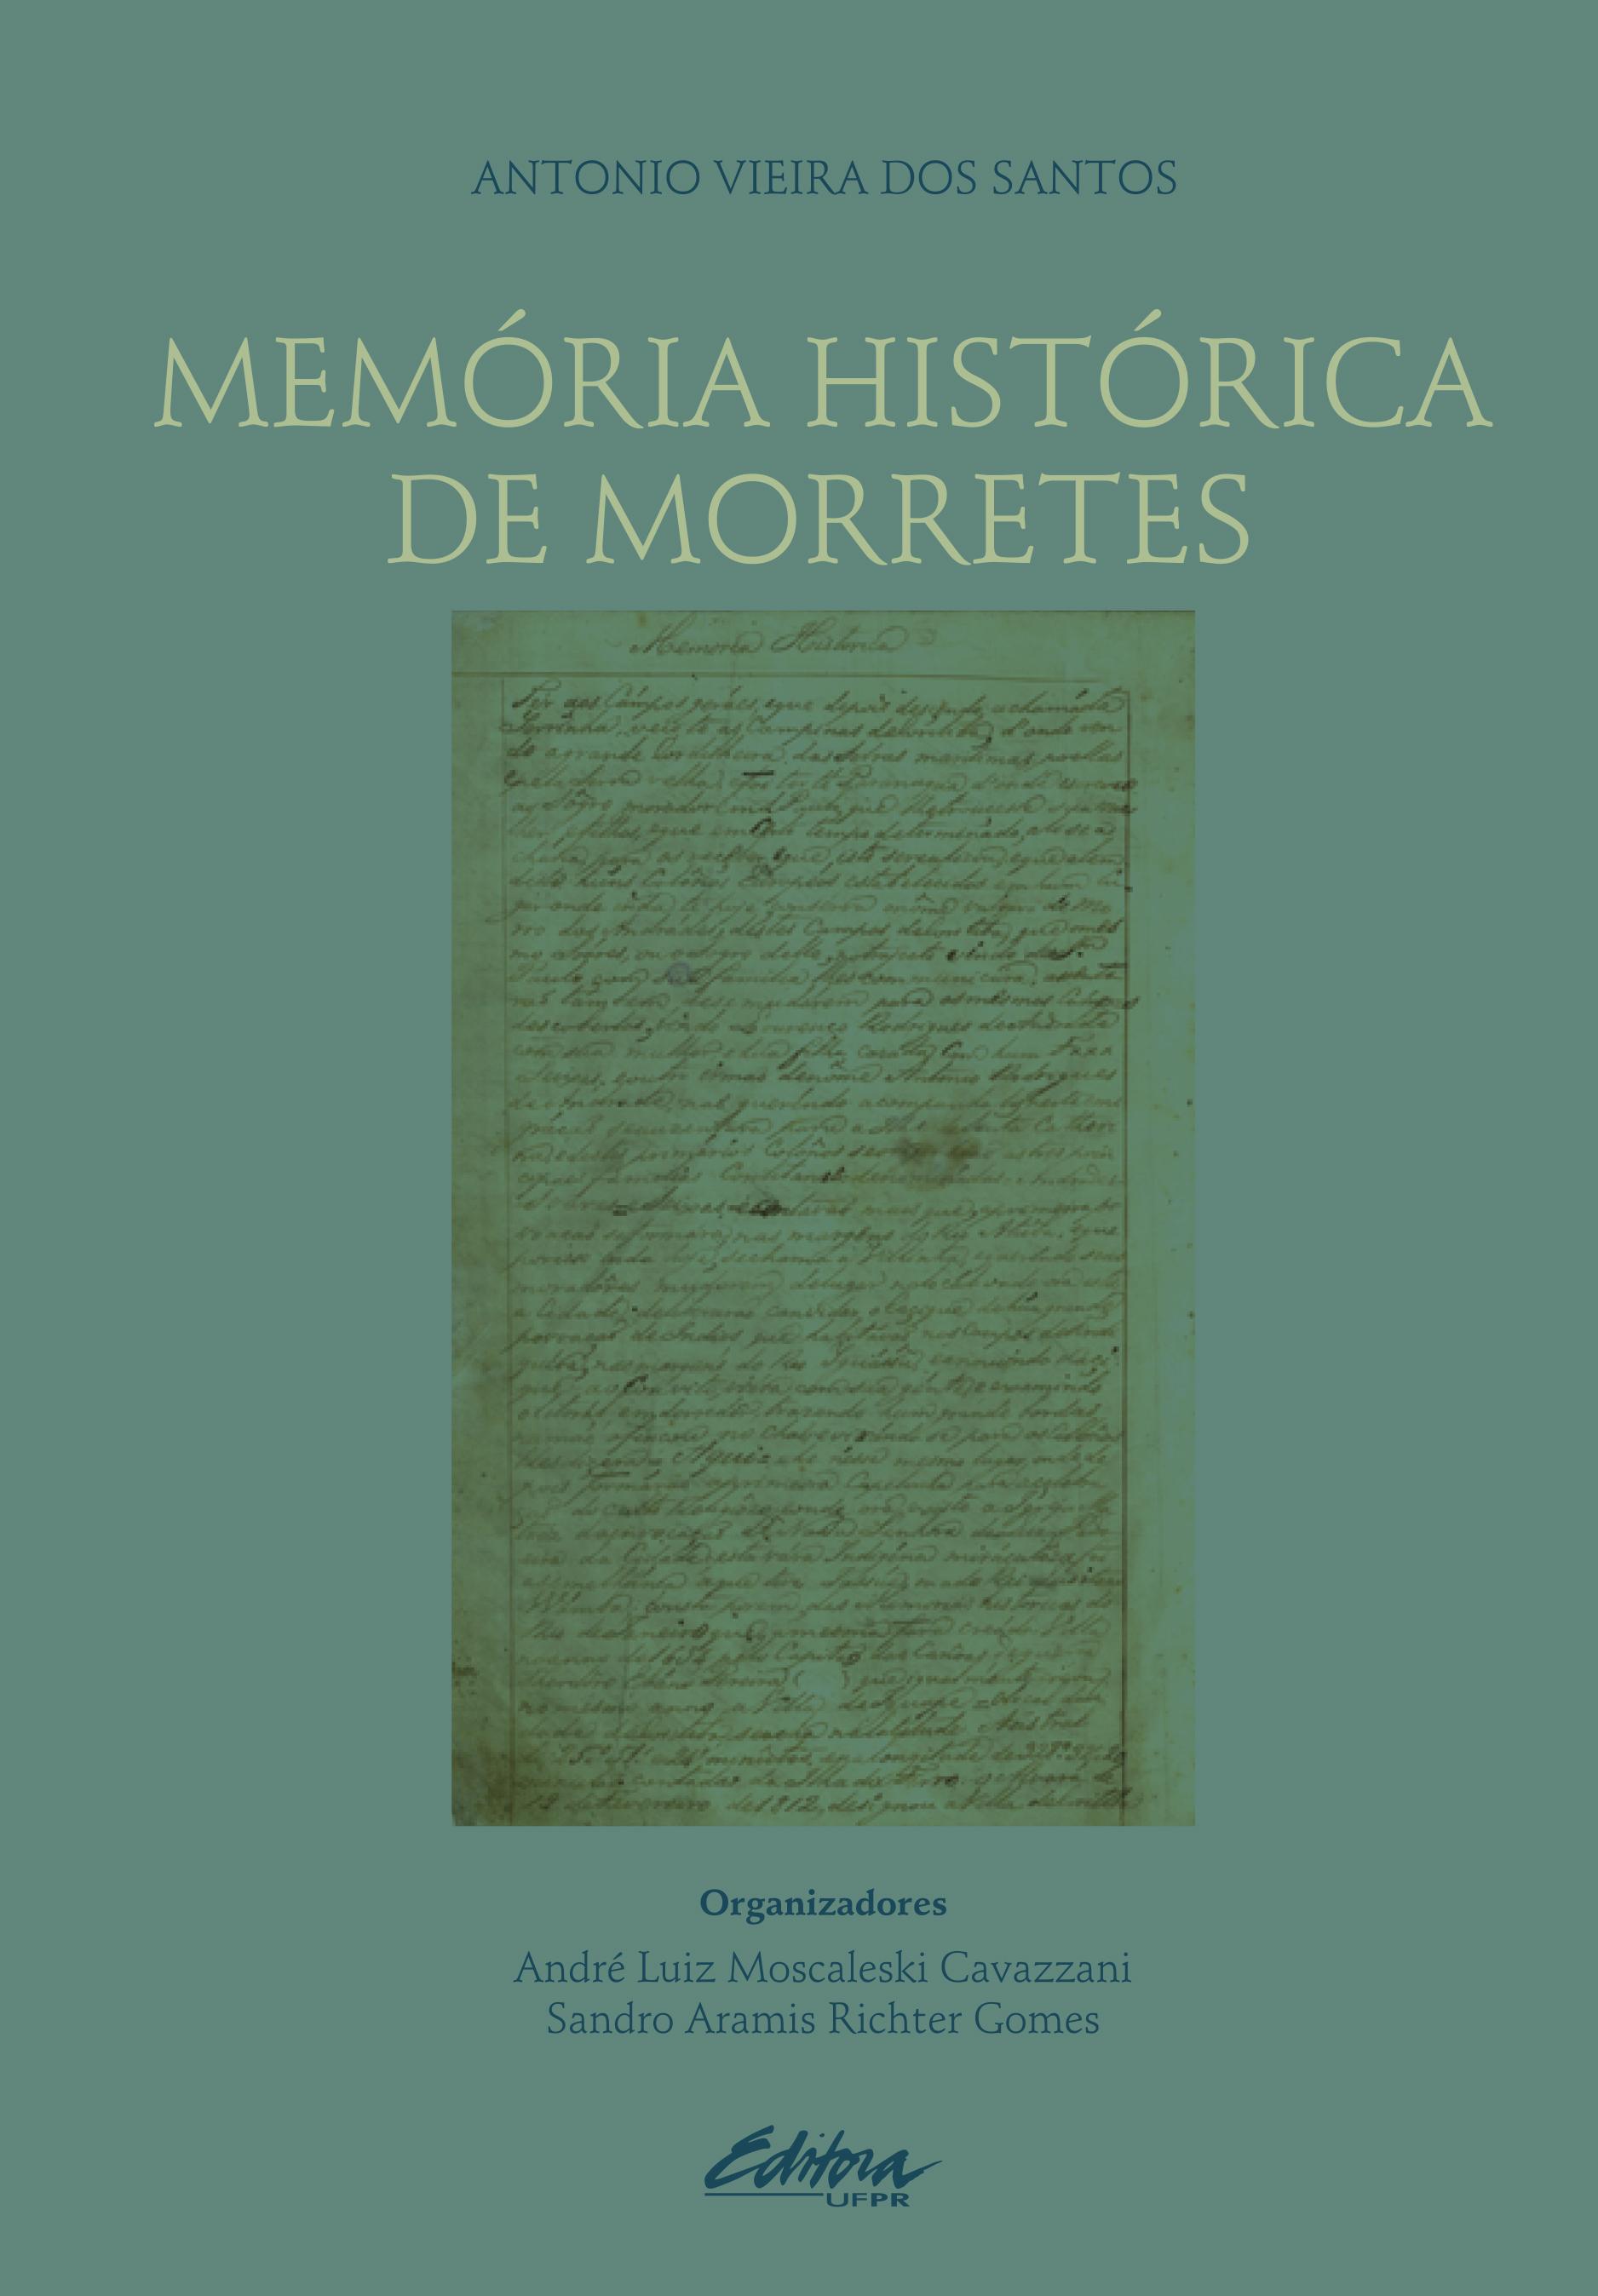 Memória histórica de Morretes, livro de André Luiz Moscaleski Cavazzani, Sandro Aramis Richter Gomes, Antonio Vieira dos Santos